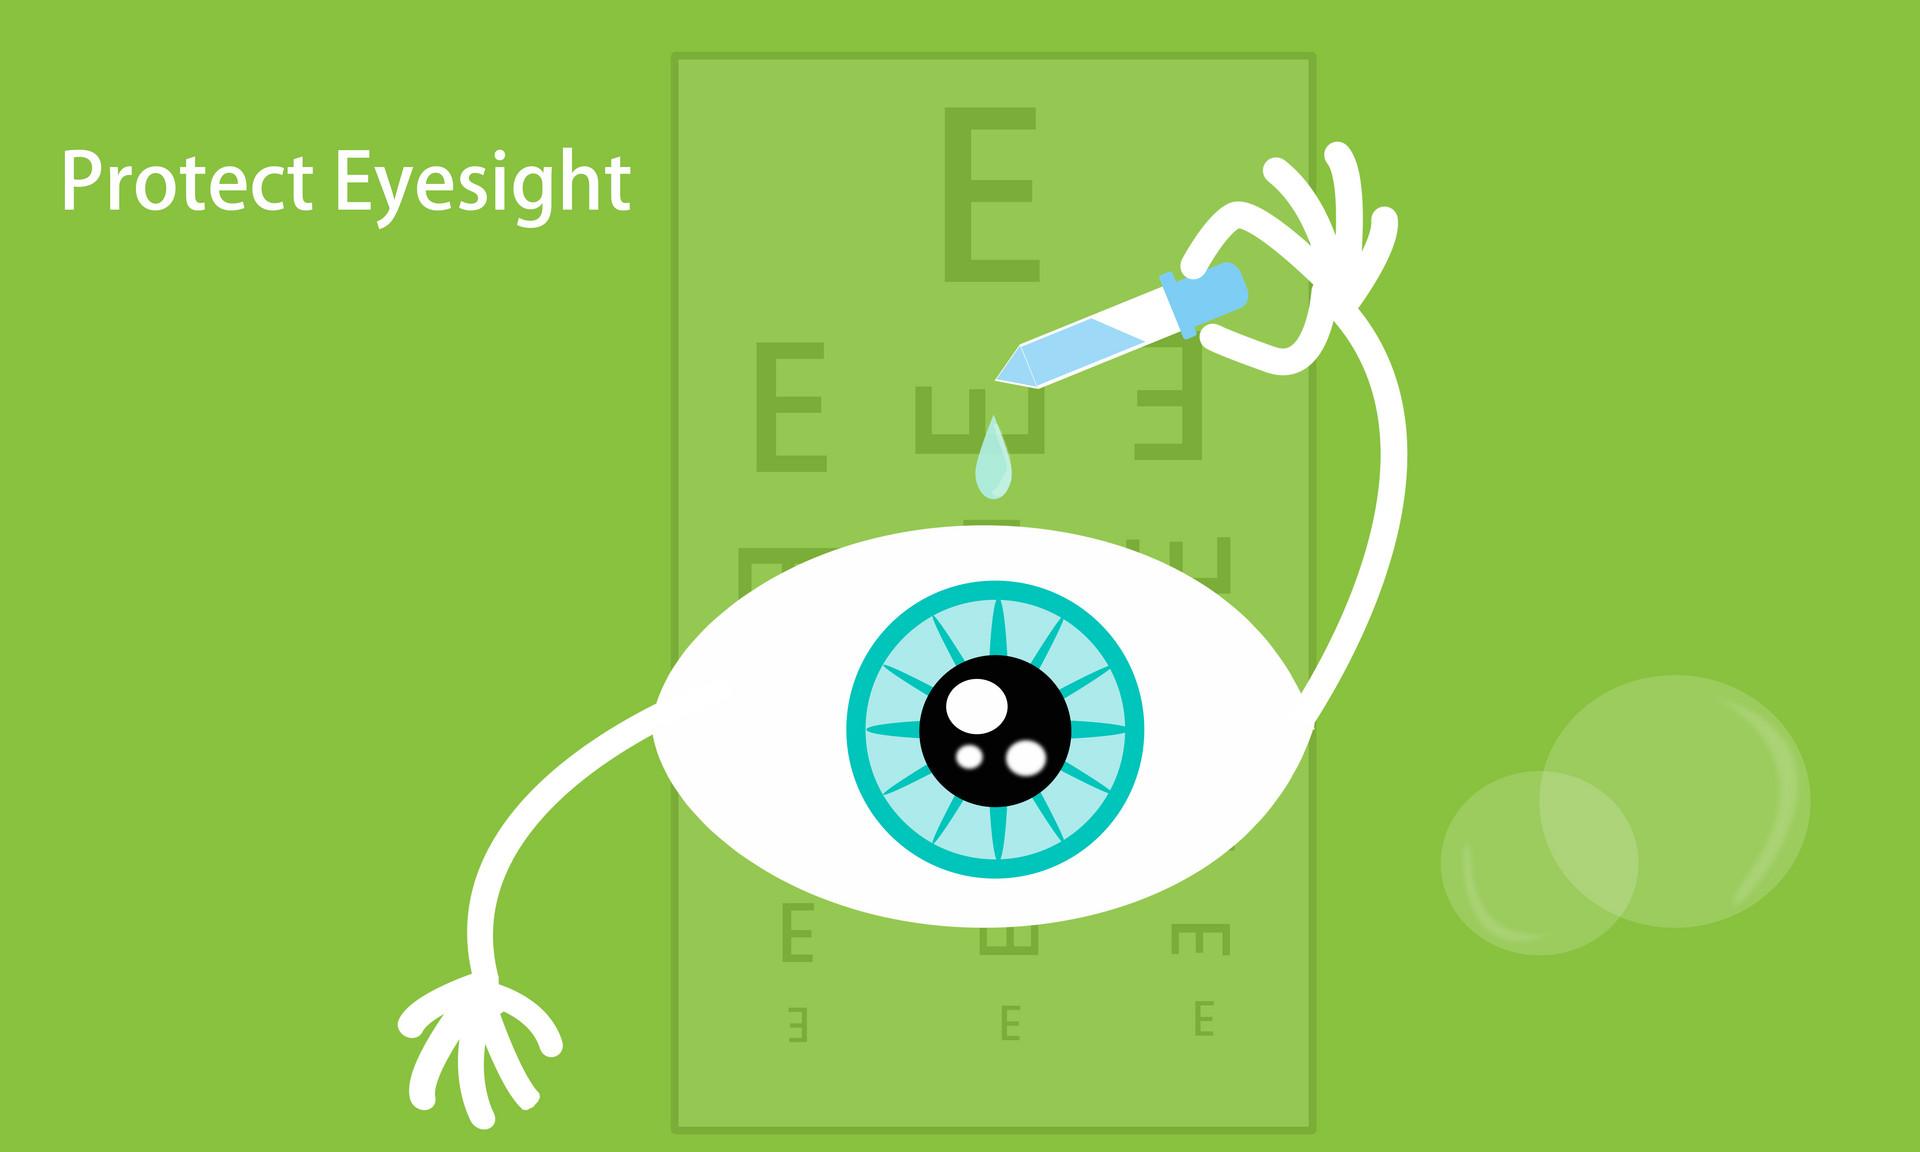 抽象保护视力